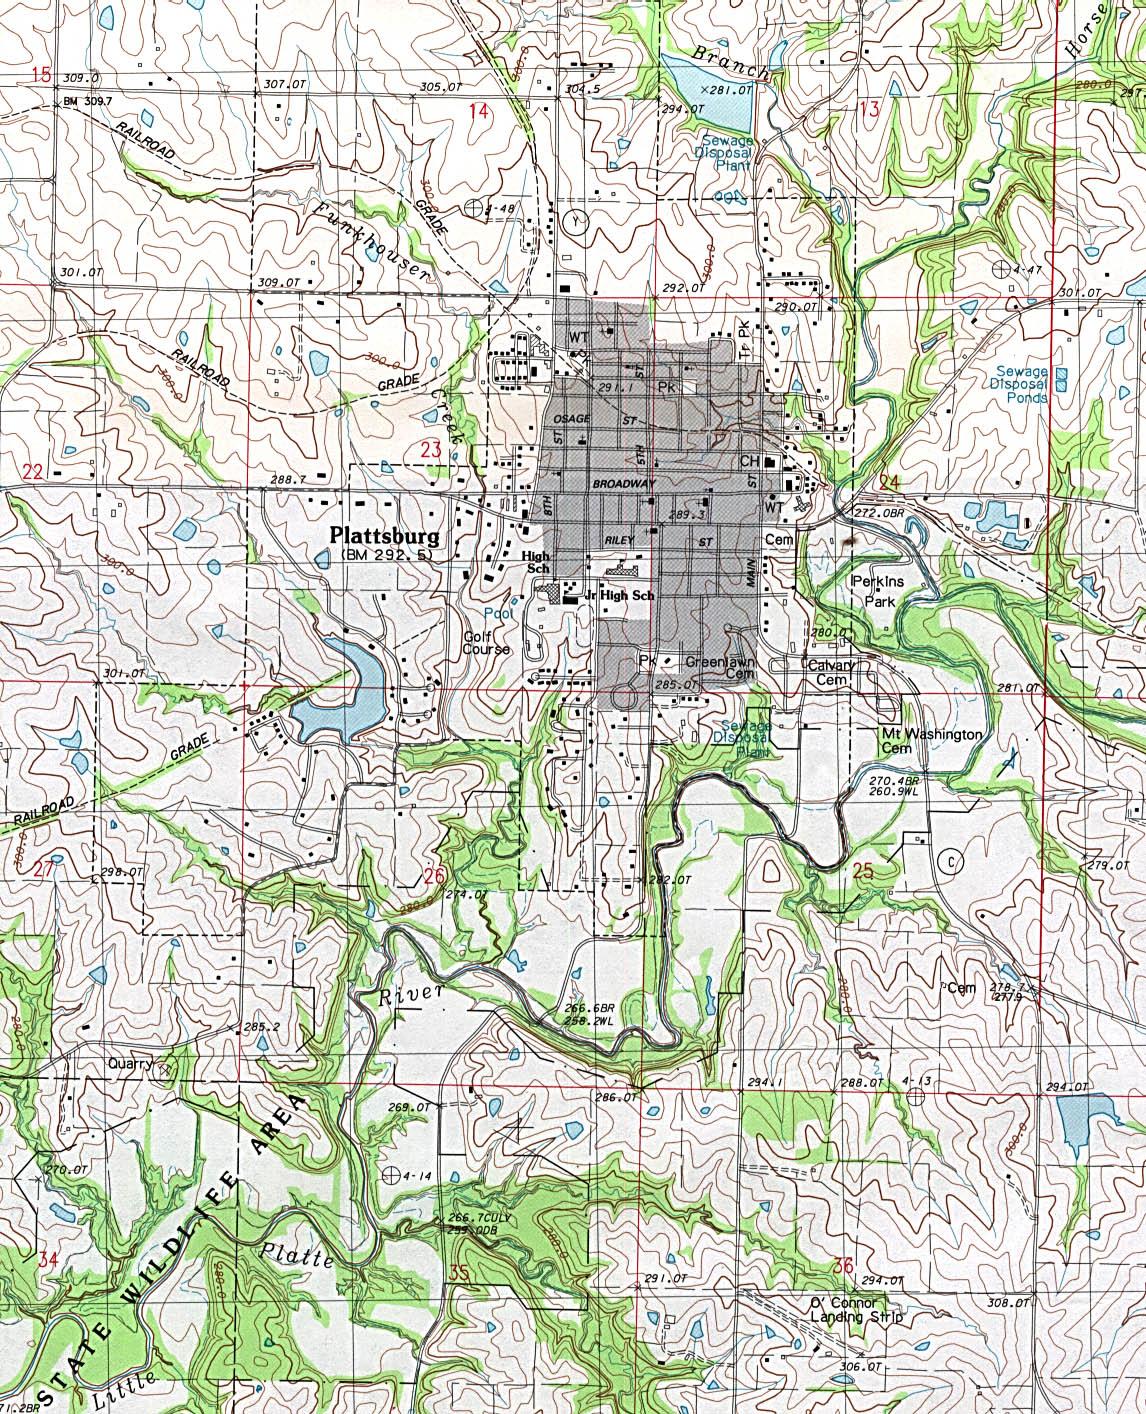 Mapa Topográfico de la Ciudad de Plattsburg, Missouri, Estados Unidos